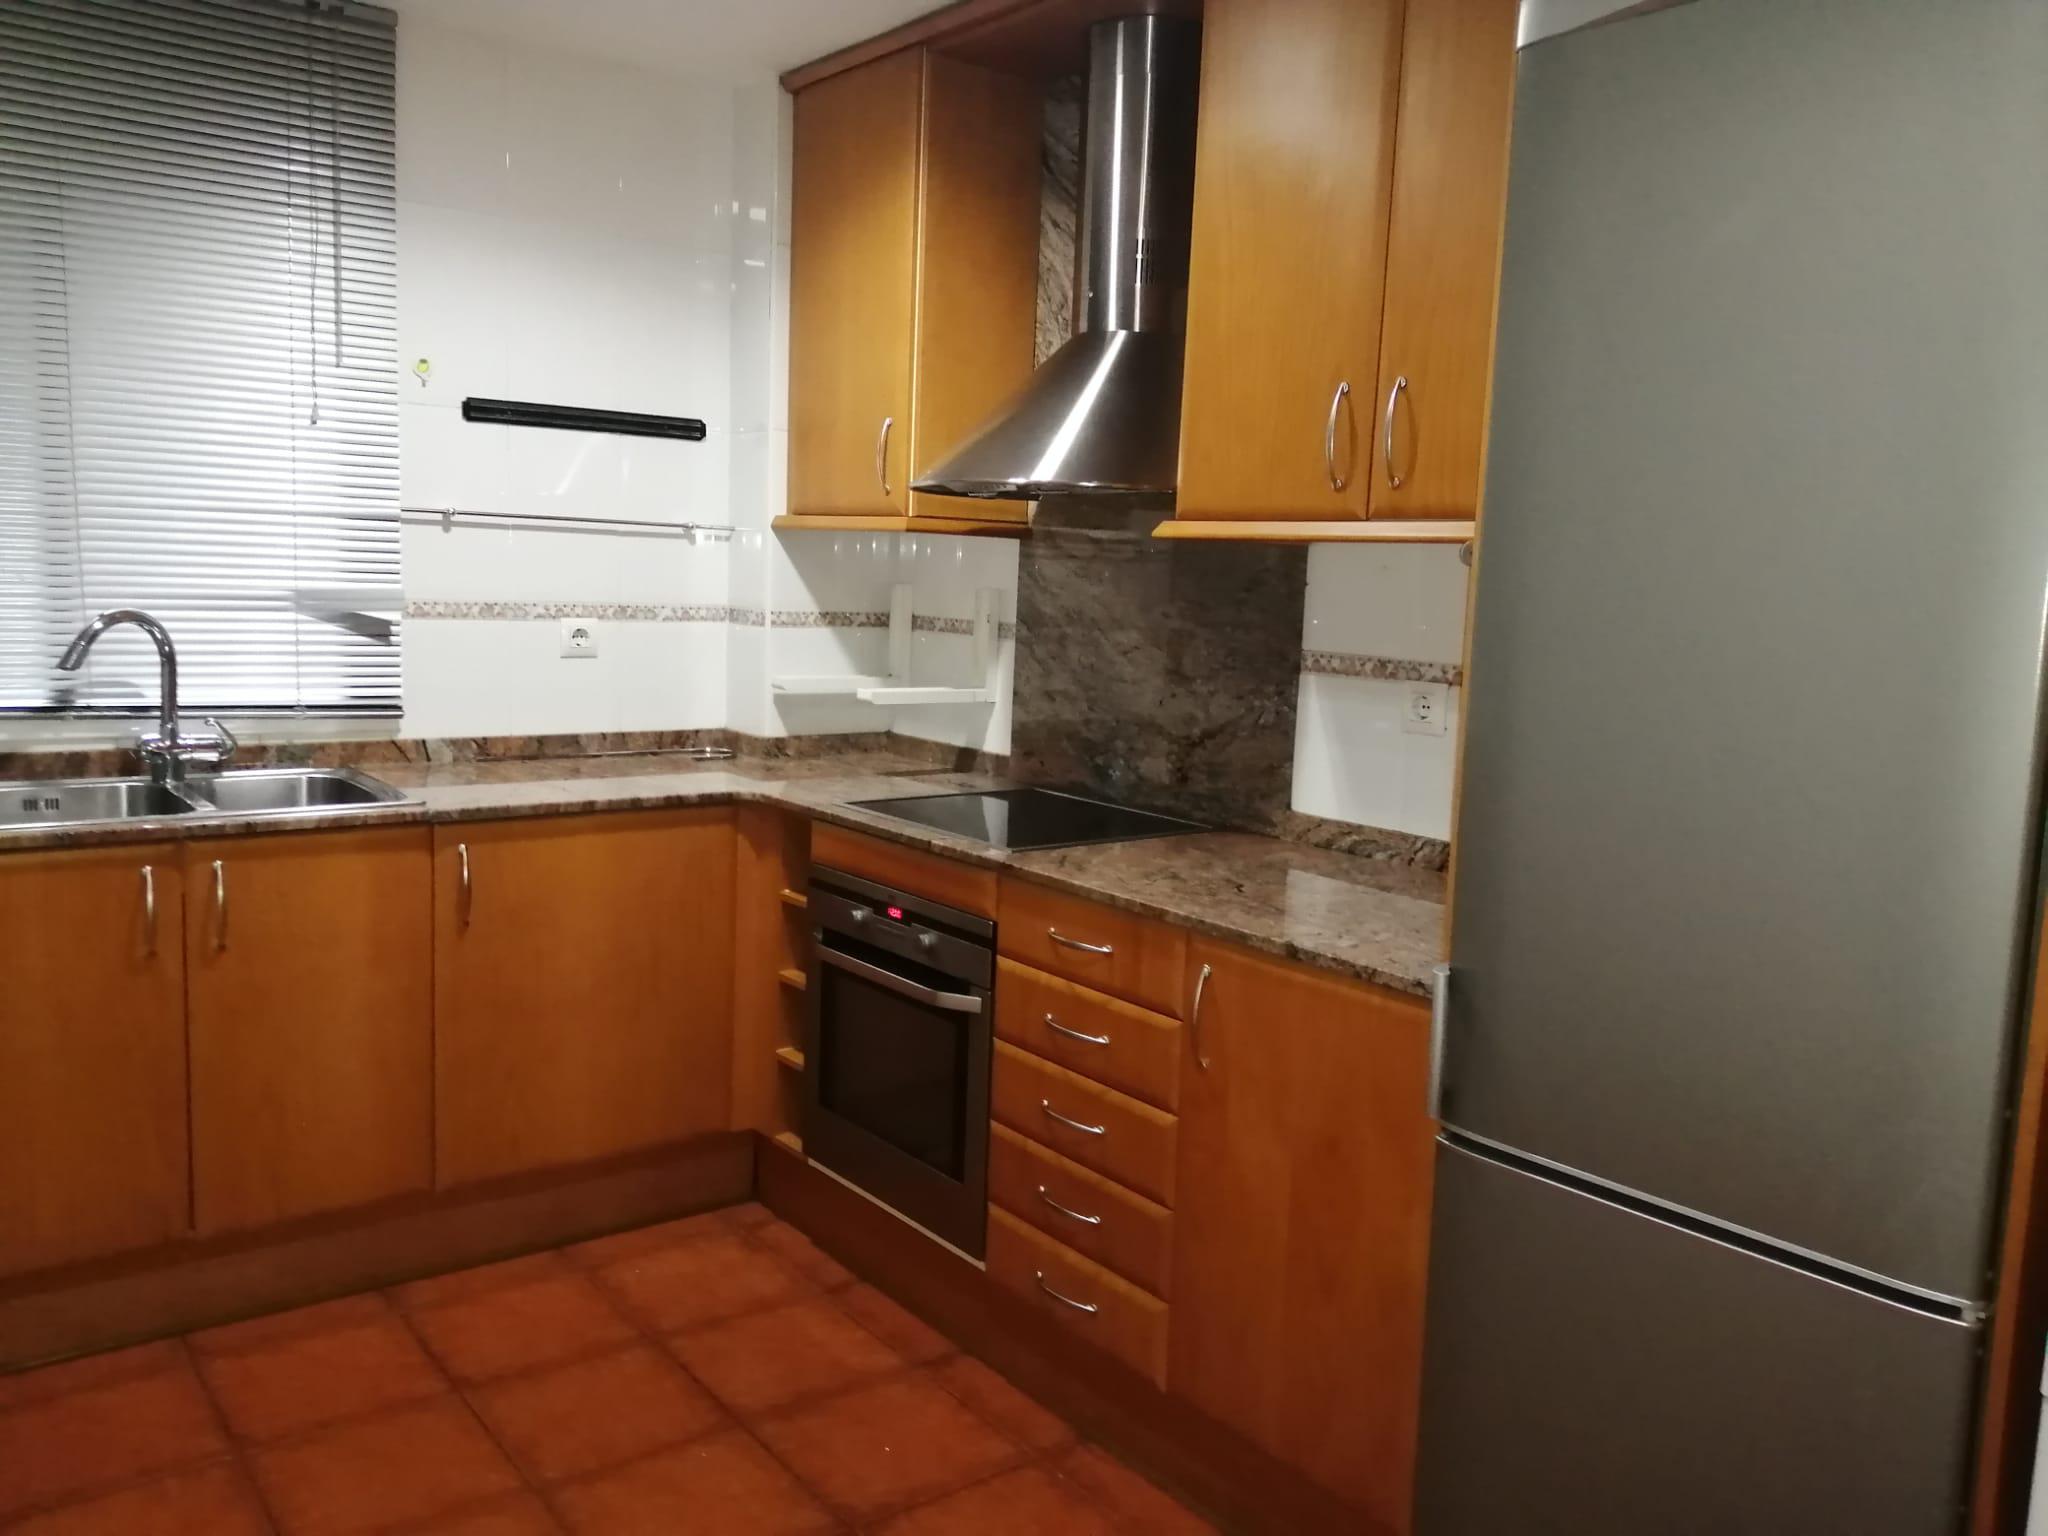 Imagen 4 Piso en alquiler en Sabadell / A 5 minutos de la Rambla de Sabadell